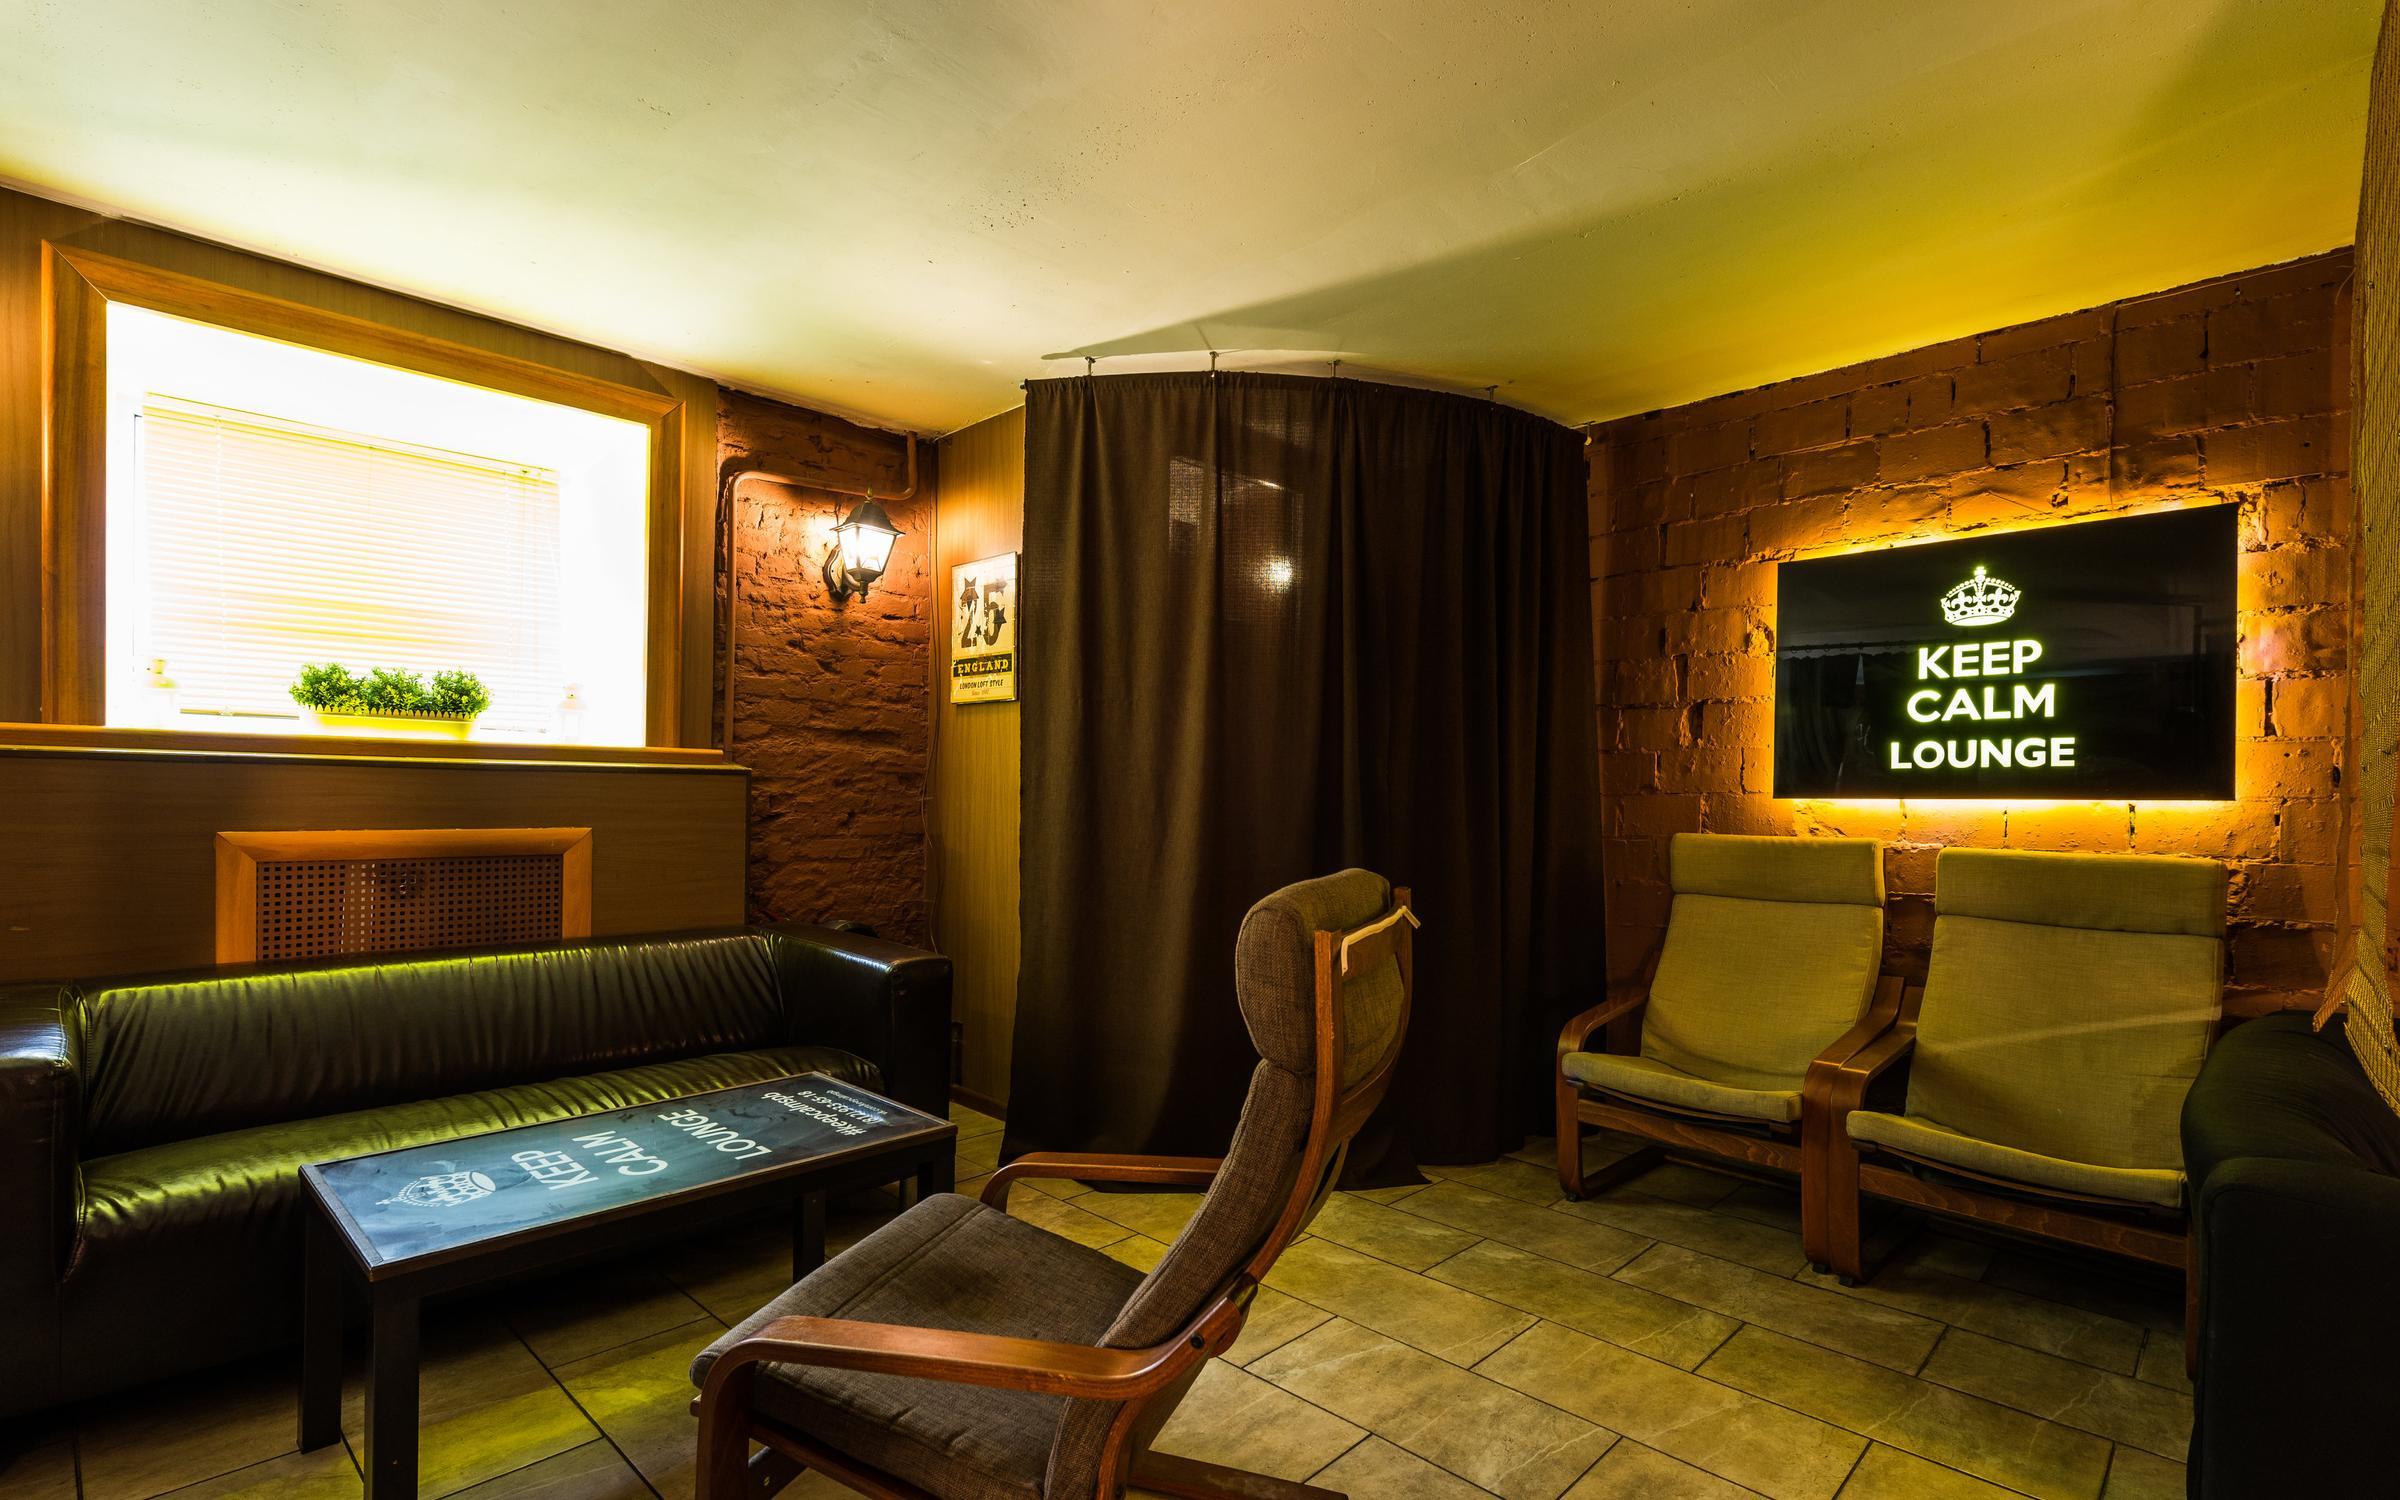 фотография Тайм-кафе Keep Calm Lounge на 3-ой Красноармейской улице